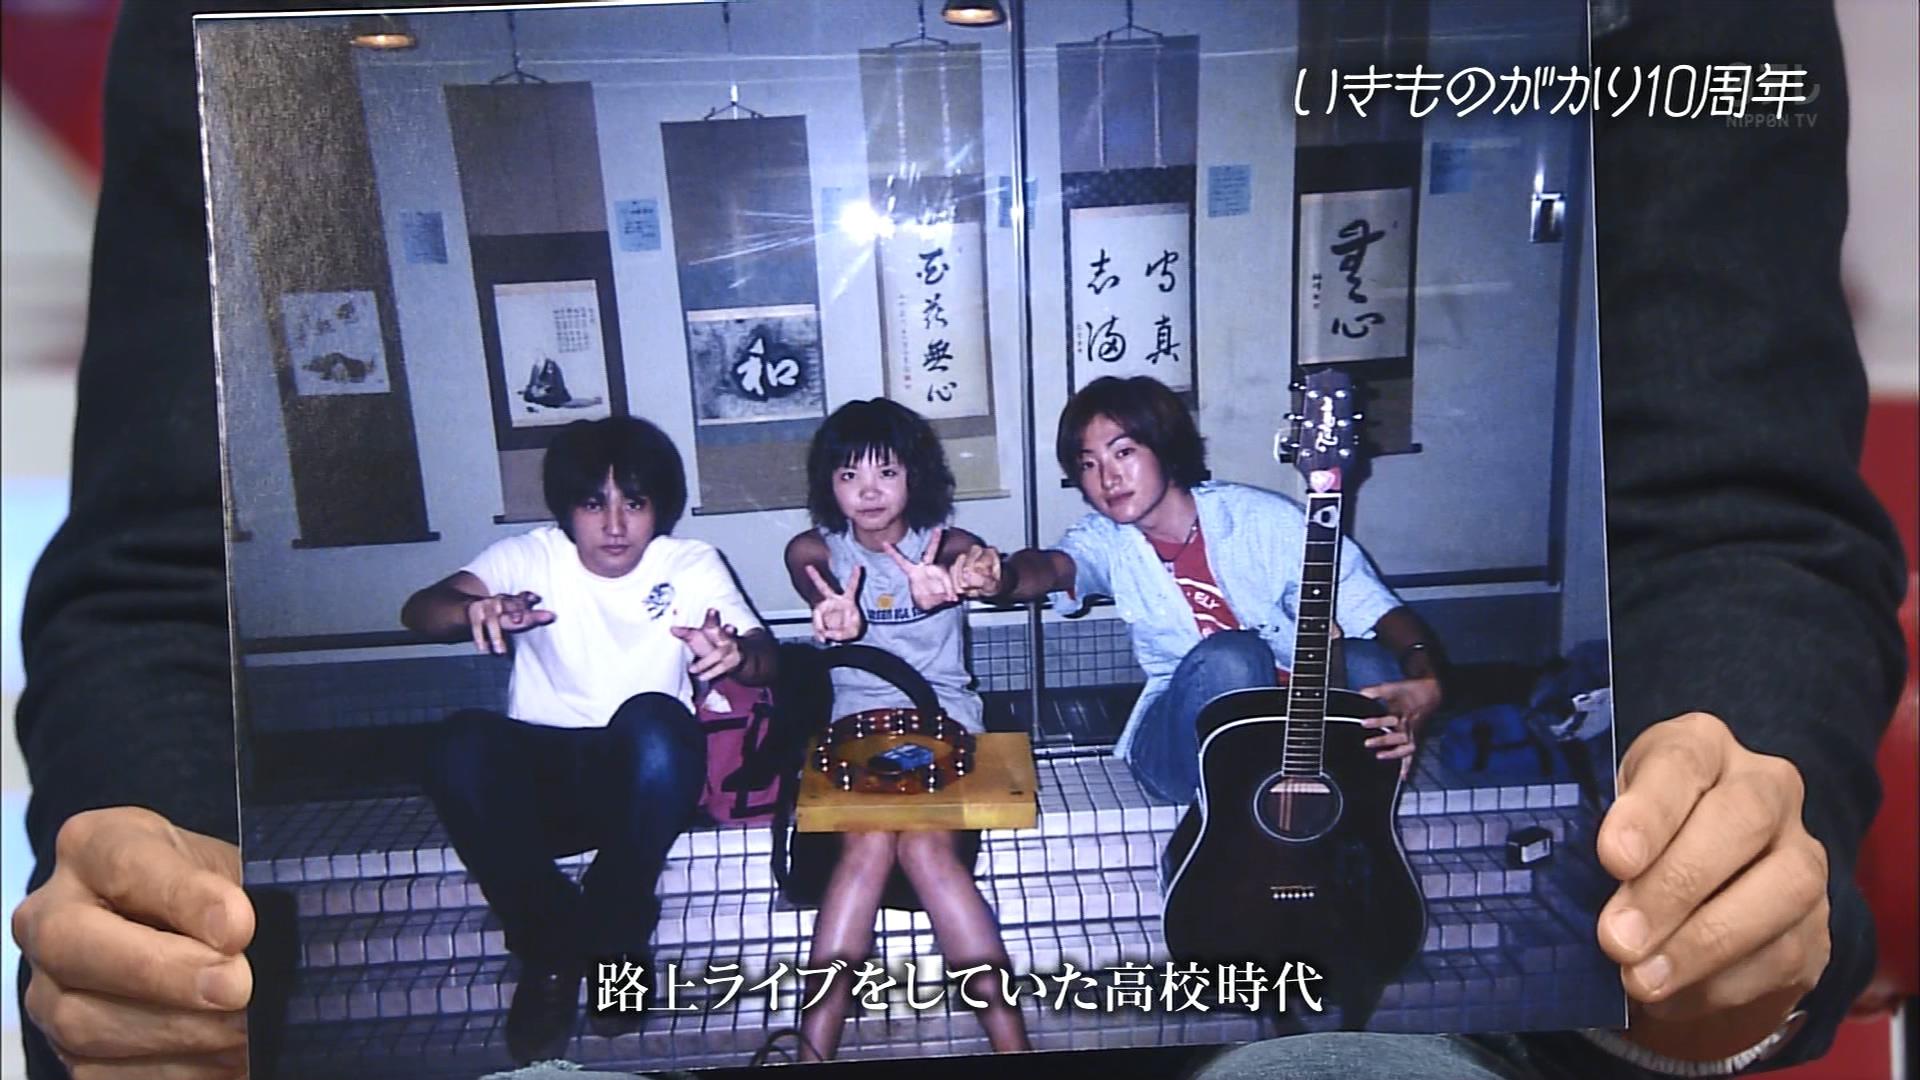 2016.03.13 全場(おしゃれイズム).ts_20160313_223244.726